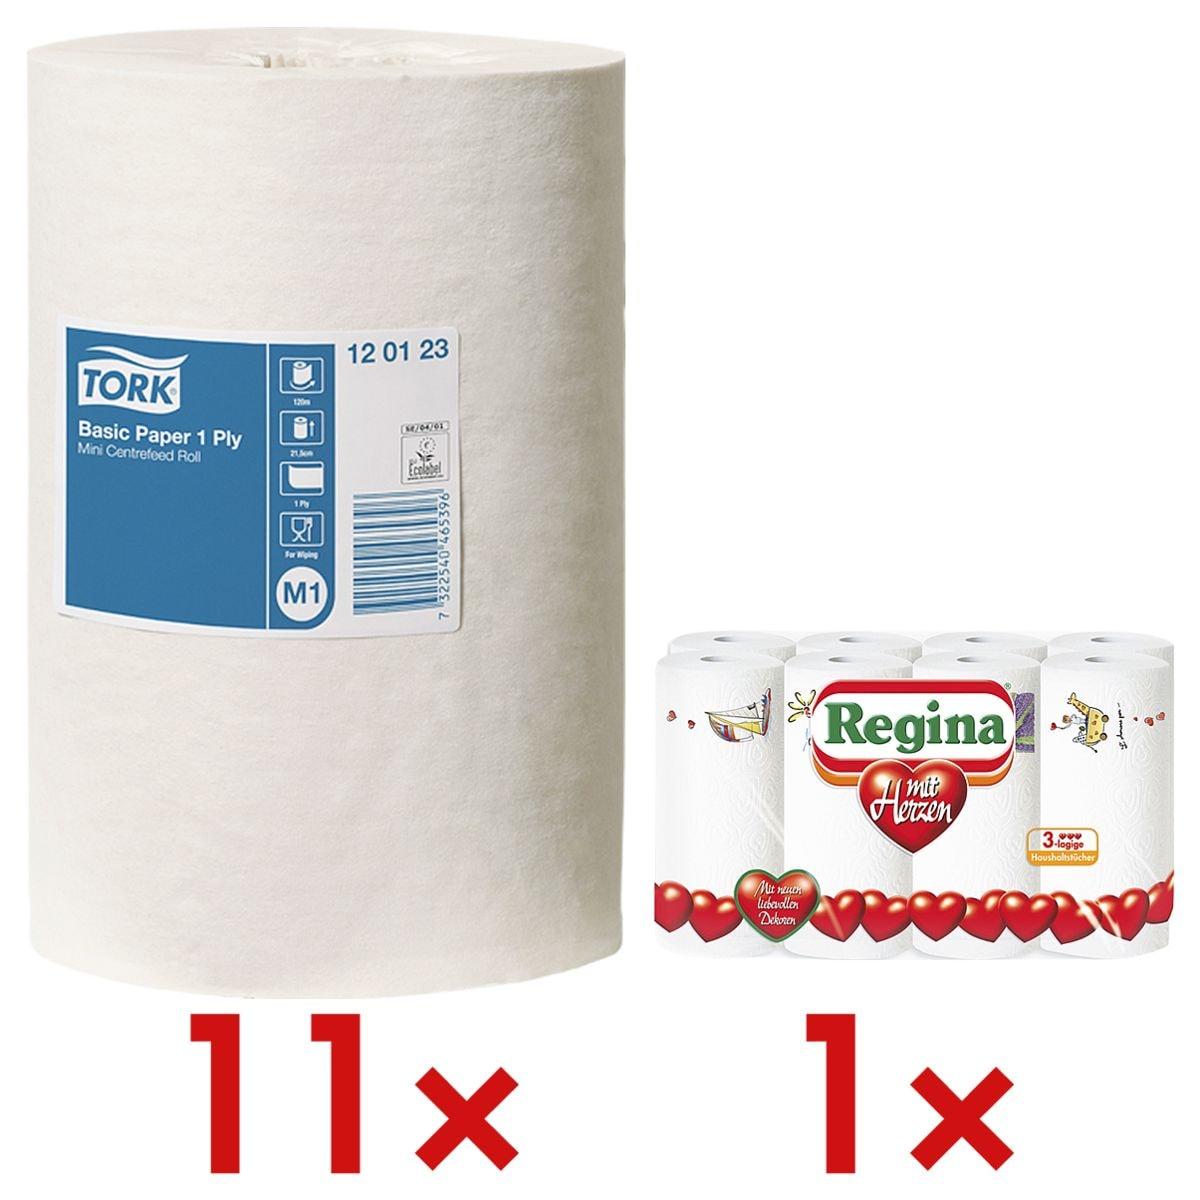 11 bobines d'essuie-mains papier blanc épaisseur simple (blanc, non perforés, 21,5 cm x 120 m) avec rouleaux d'essuie-tout